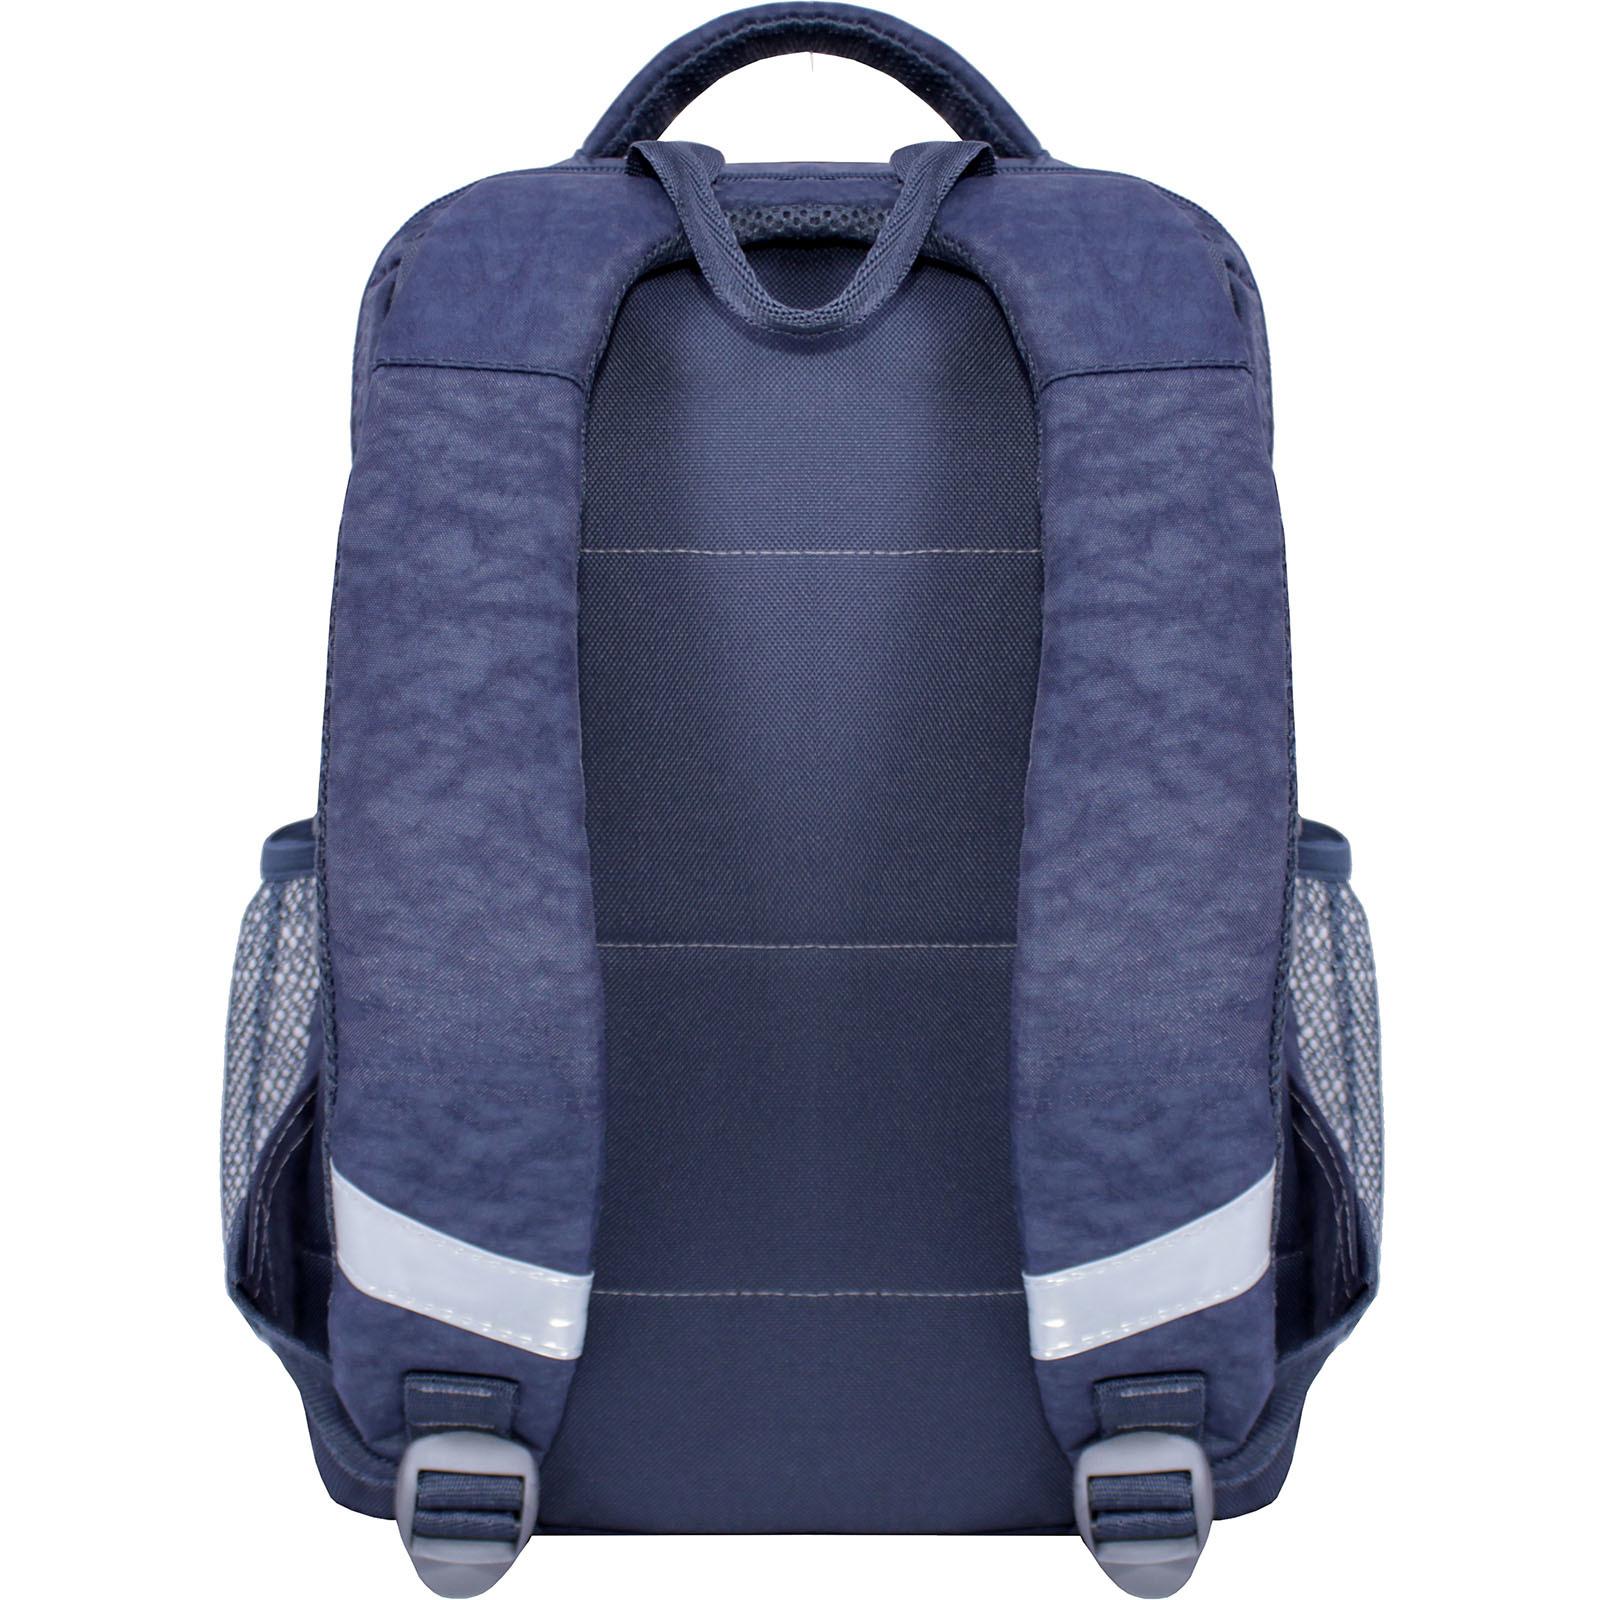 Рюкзак школьный Bagland Школьник 8 л. 321 серый 509 (00112702) фото3